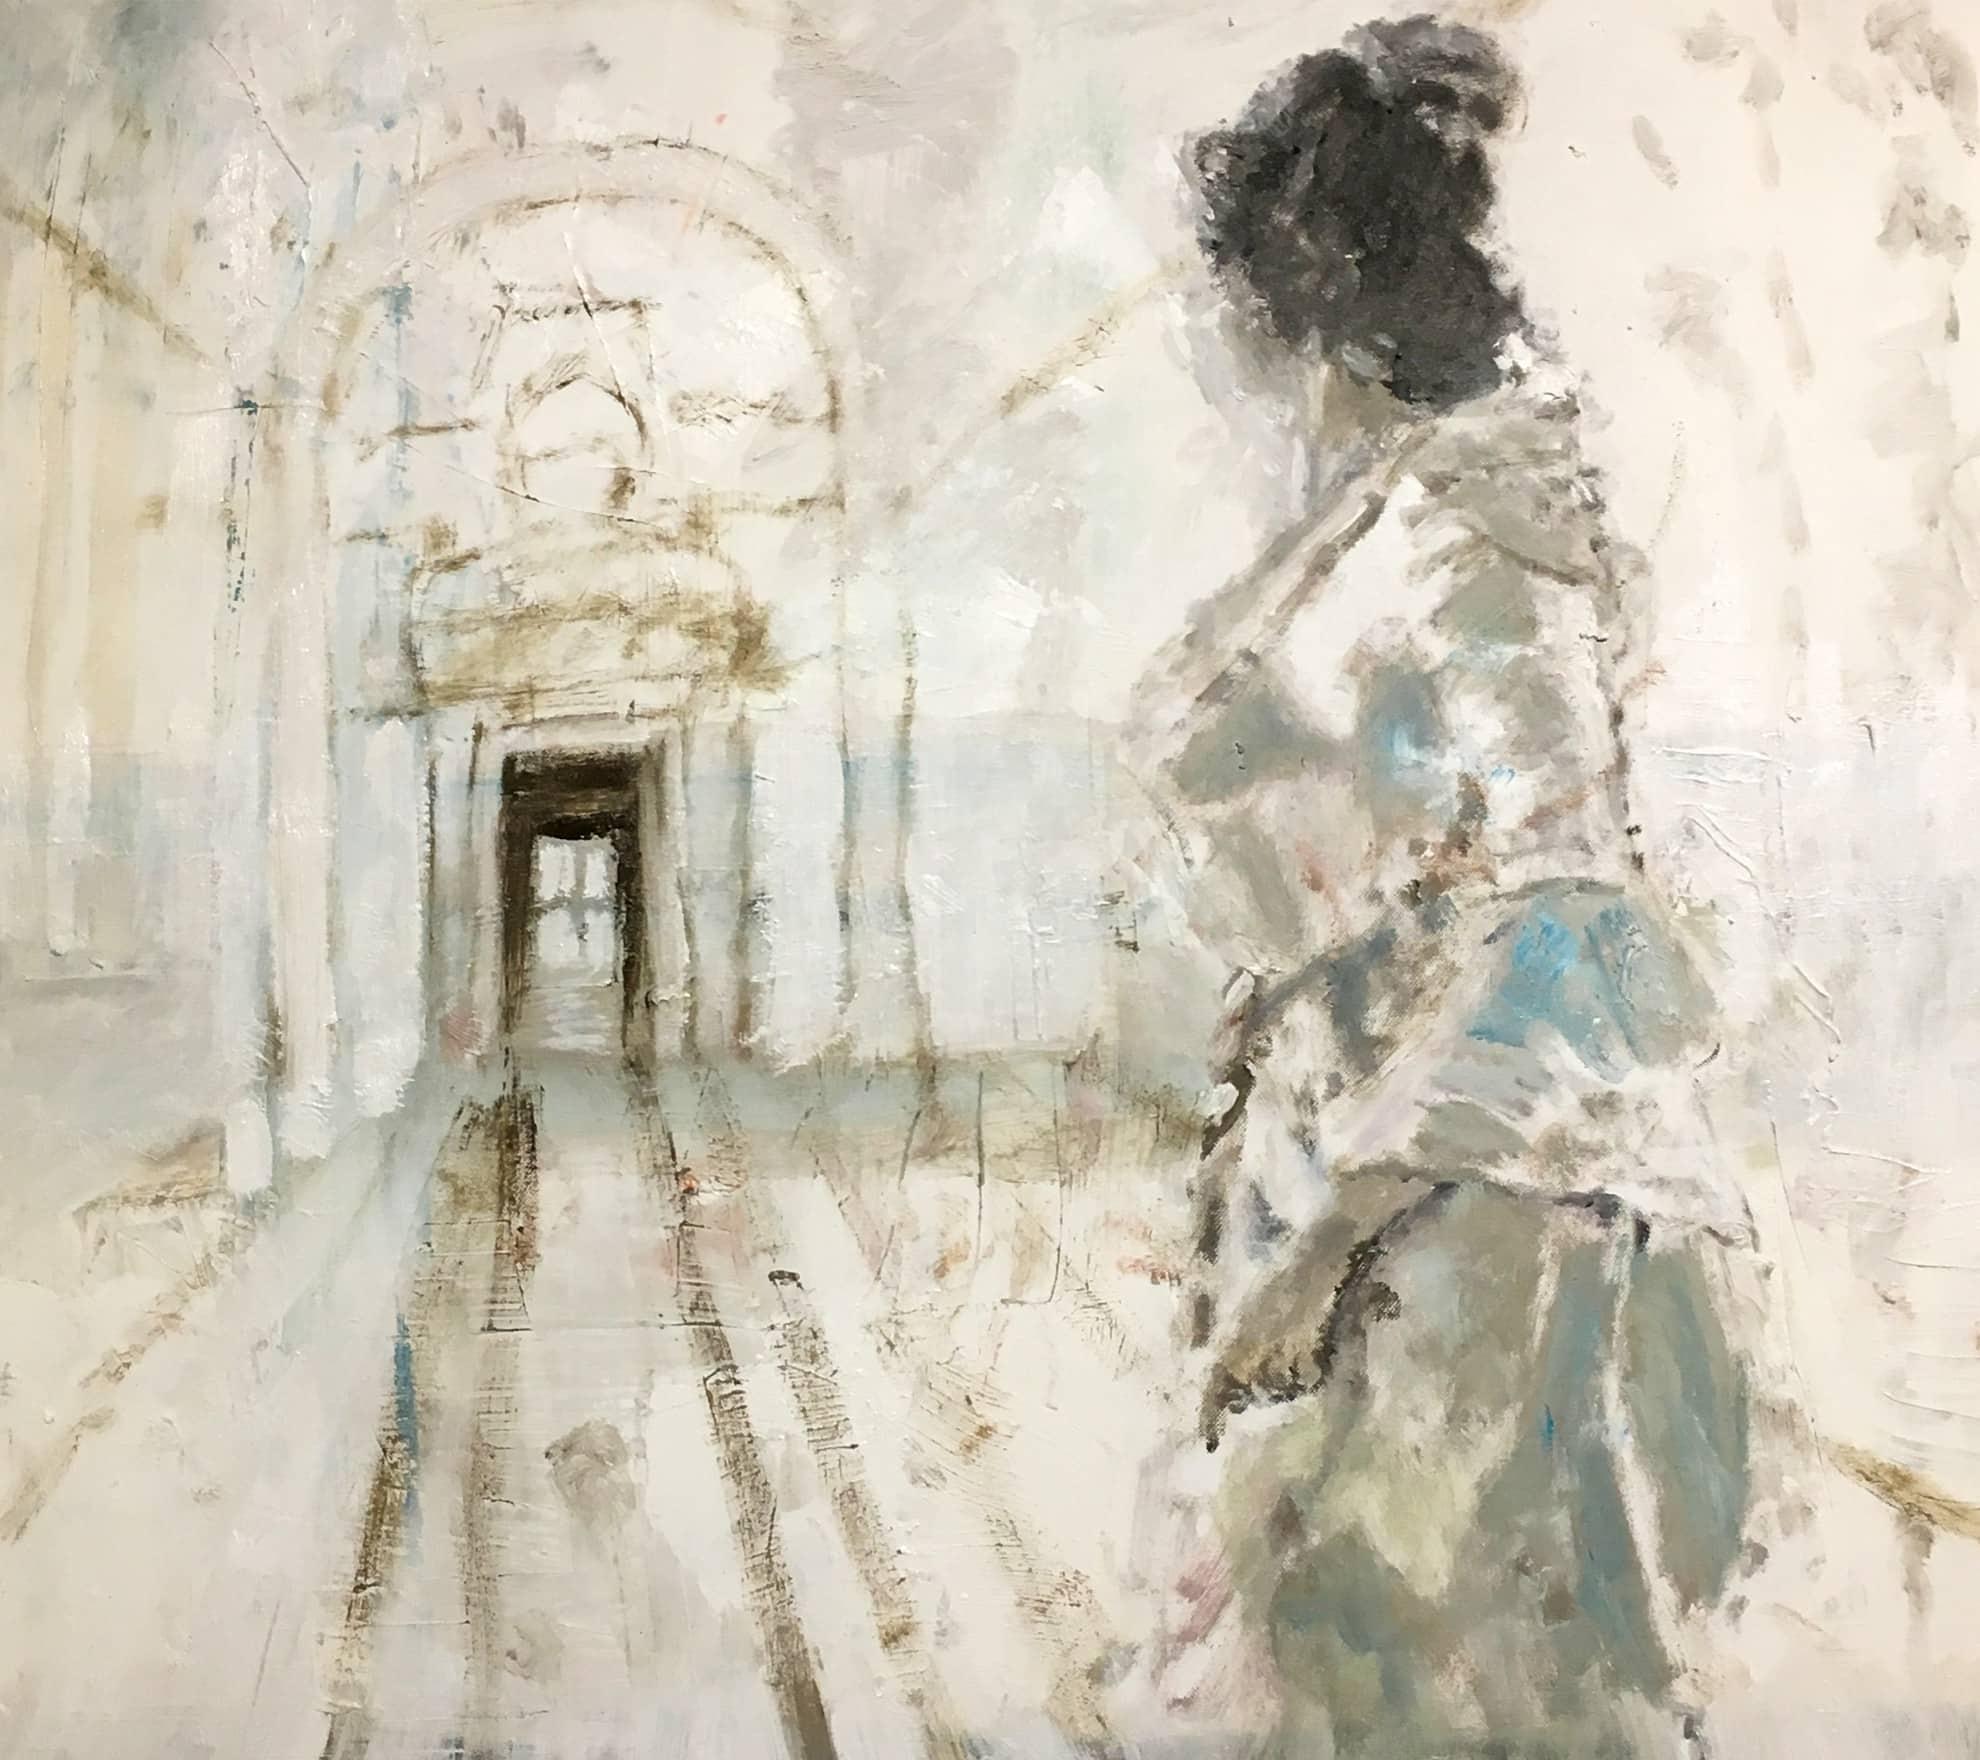 Kunst malerei schweiz stefan werthmueller